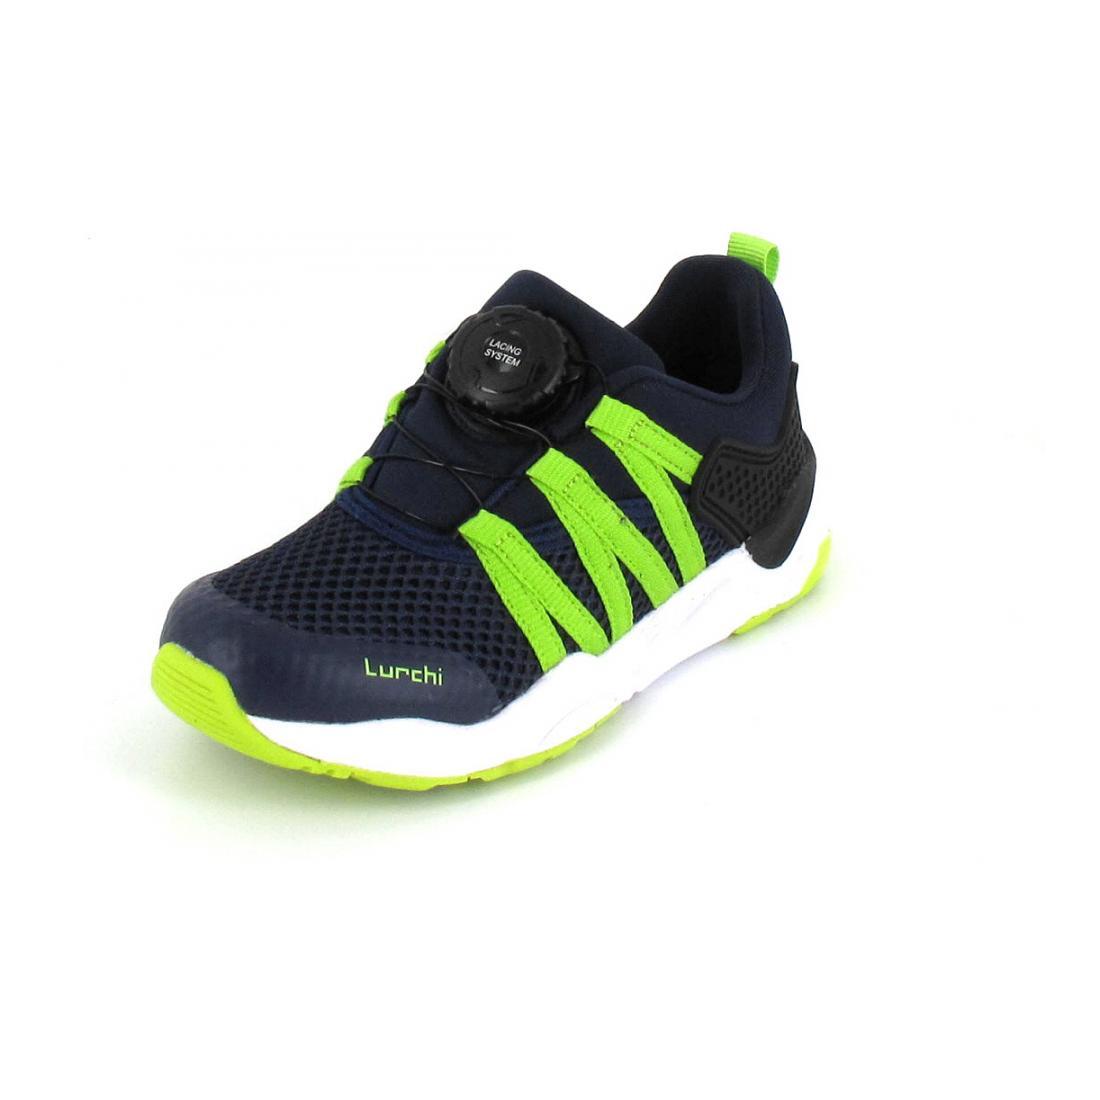 Lurchi Sneaker Leonit